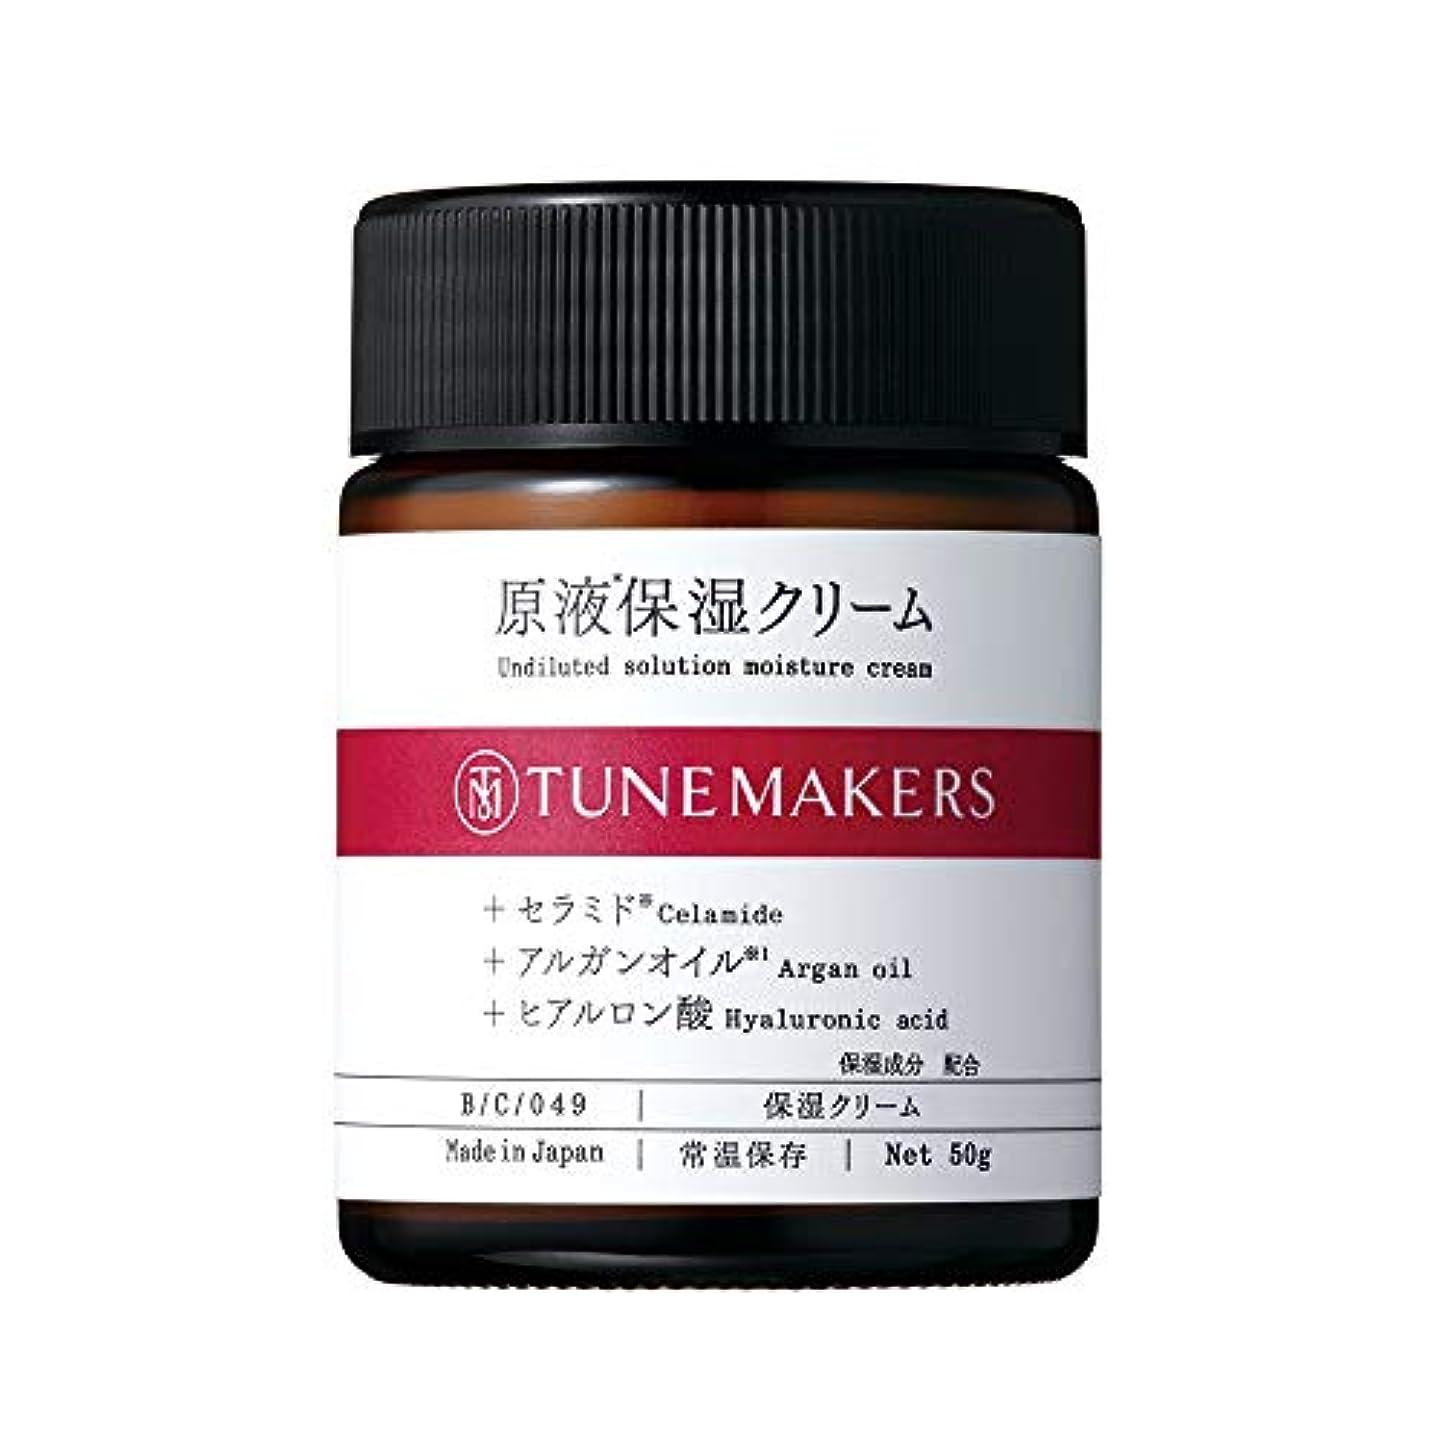 きしむ樫の木可動式TUNEMAKERS(チューンメーカーズ) 原液保湿クリーム 50g